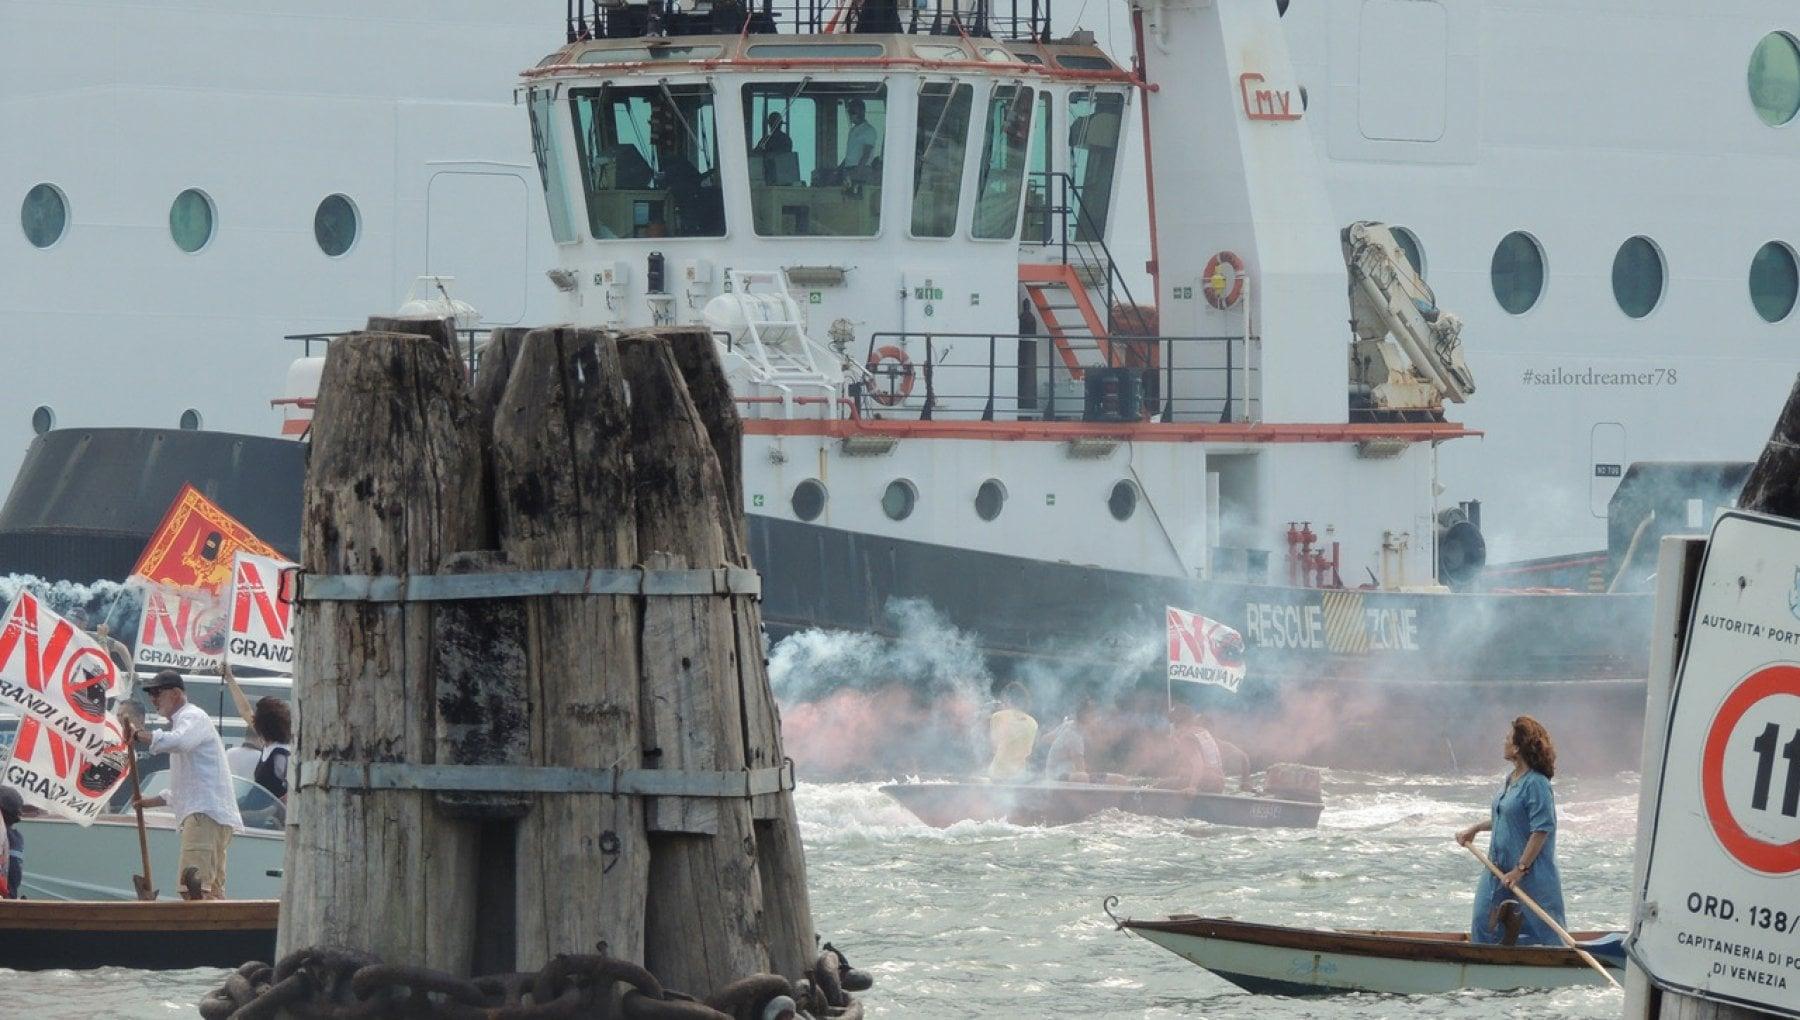 """153540305 af39c846 97ab 46c9 b7fb 5a86cf1b62a2 - La biologa che con la barchetta a remi tenta di fermare le navi da crociera: """"Venezia è troppo bella per lasciarla distruggere da questi giganti"""""""